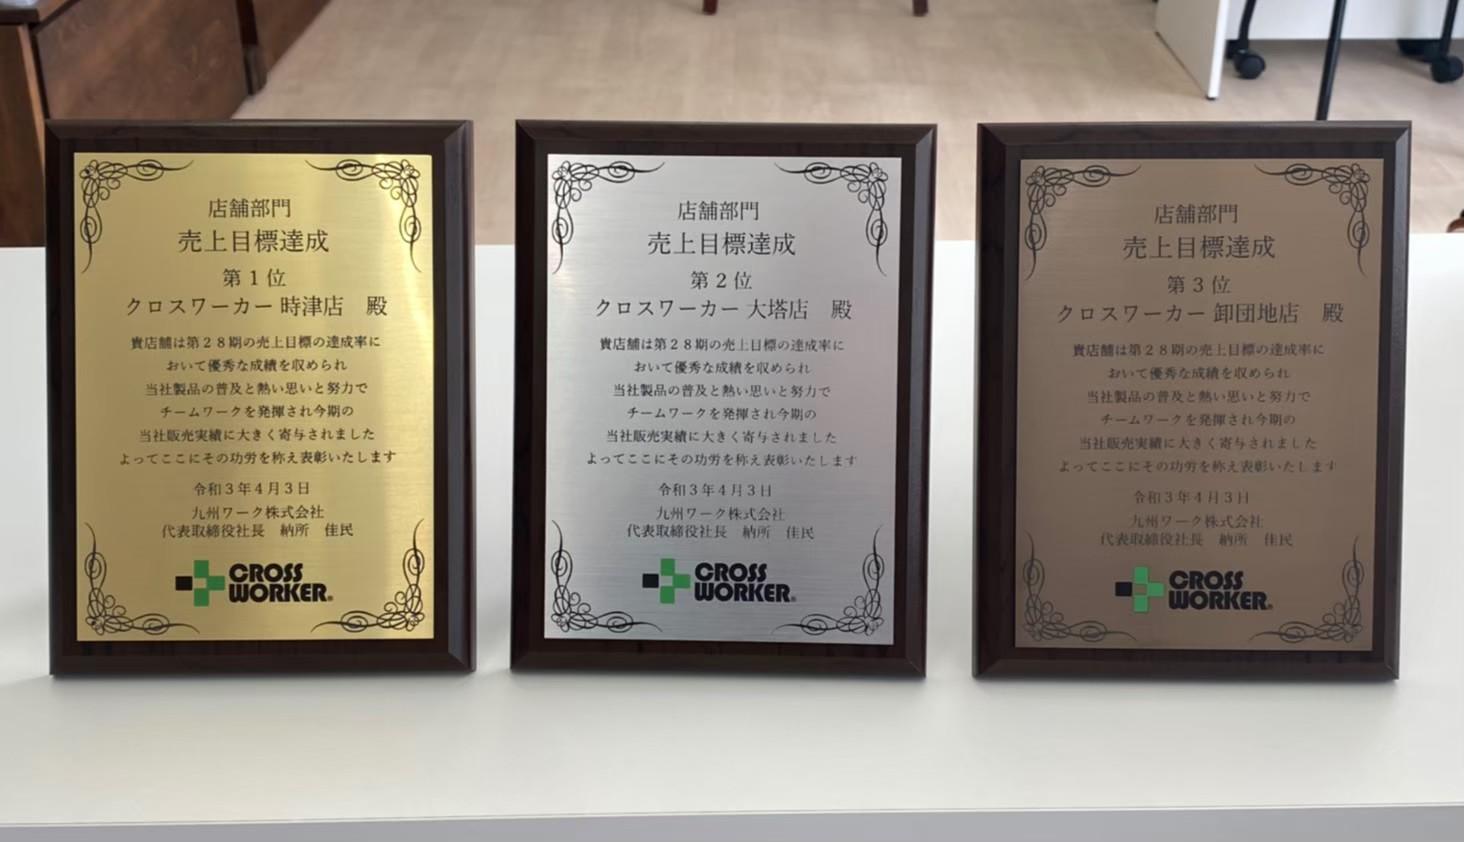 村上彫刻 商品事例 表彰盾 記念盾 盾 店舗 九州ワーク クロスワーカー